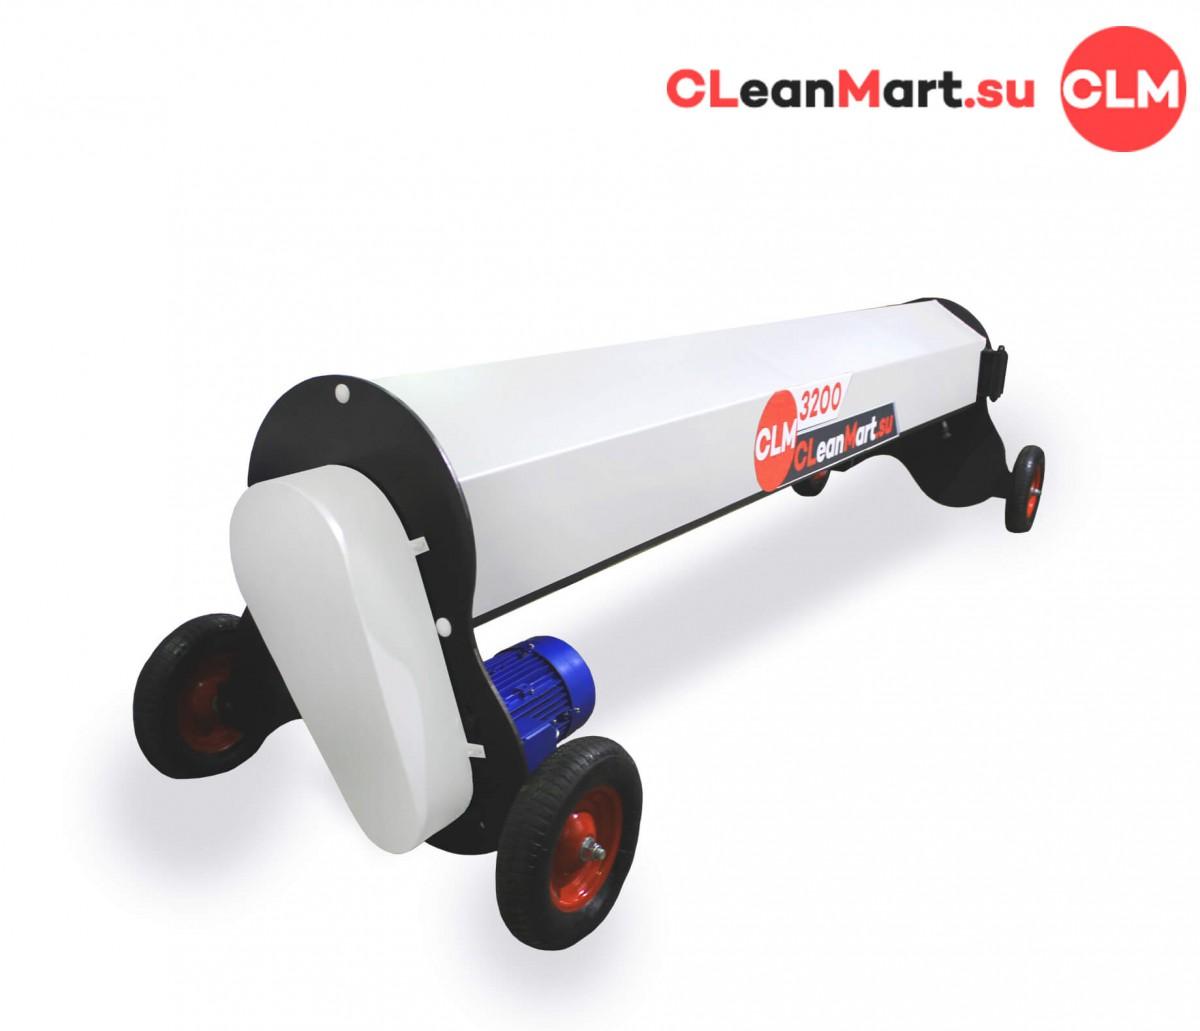 Центрифуга для отжима ковров с функцией полоскания